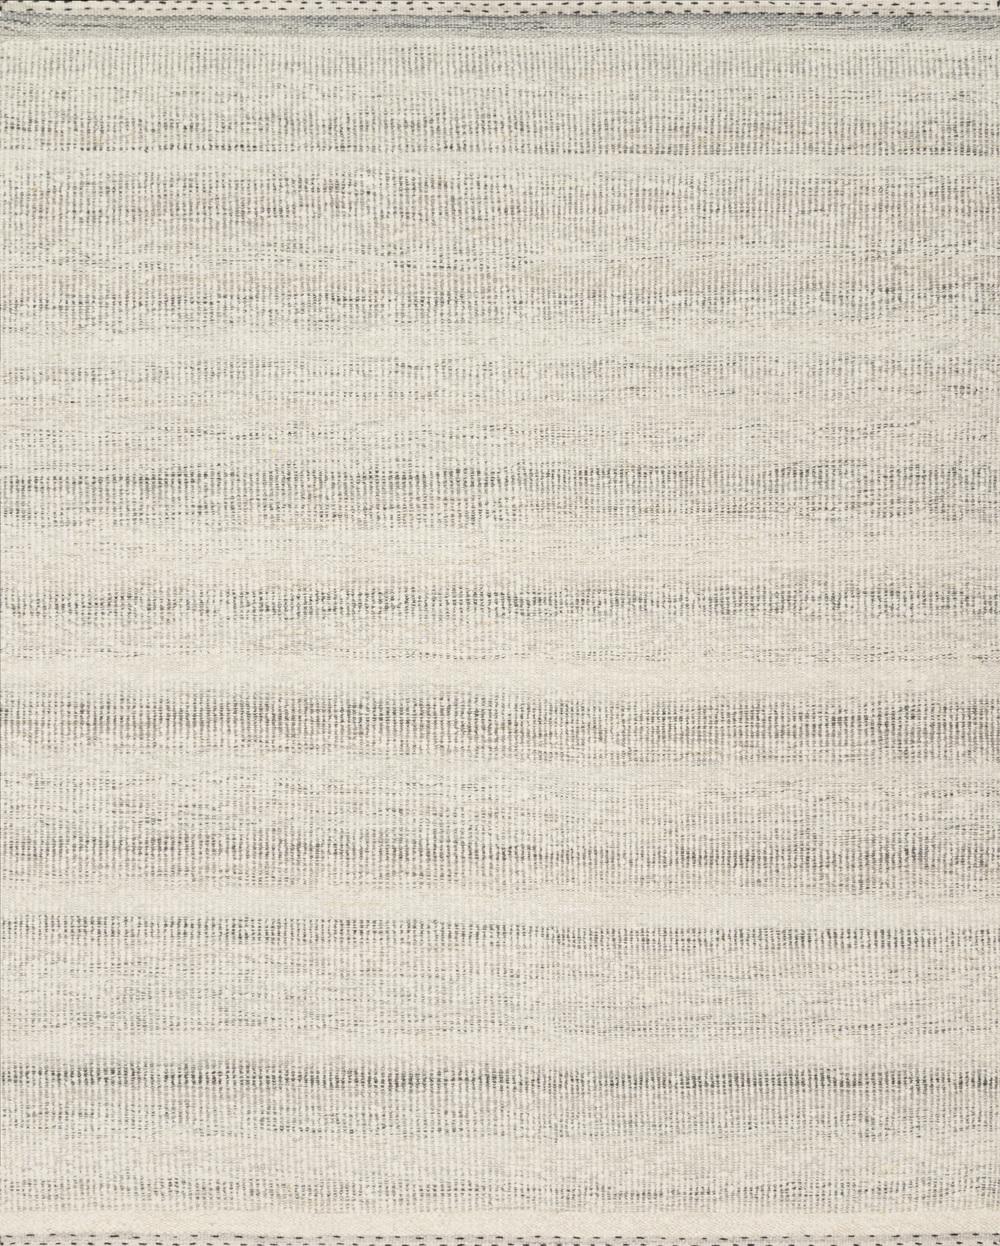 Loloi Rugs - Sloane Rug (Mist)